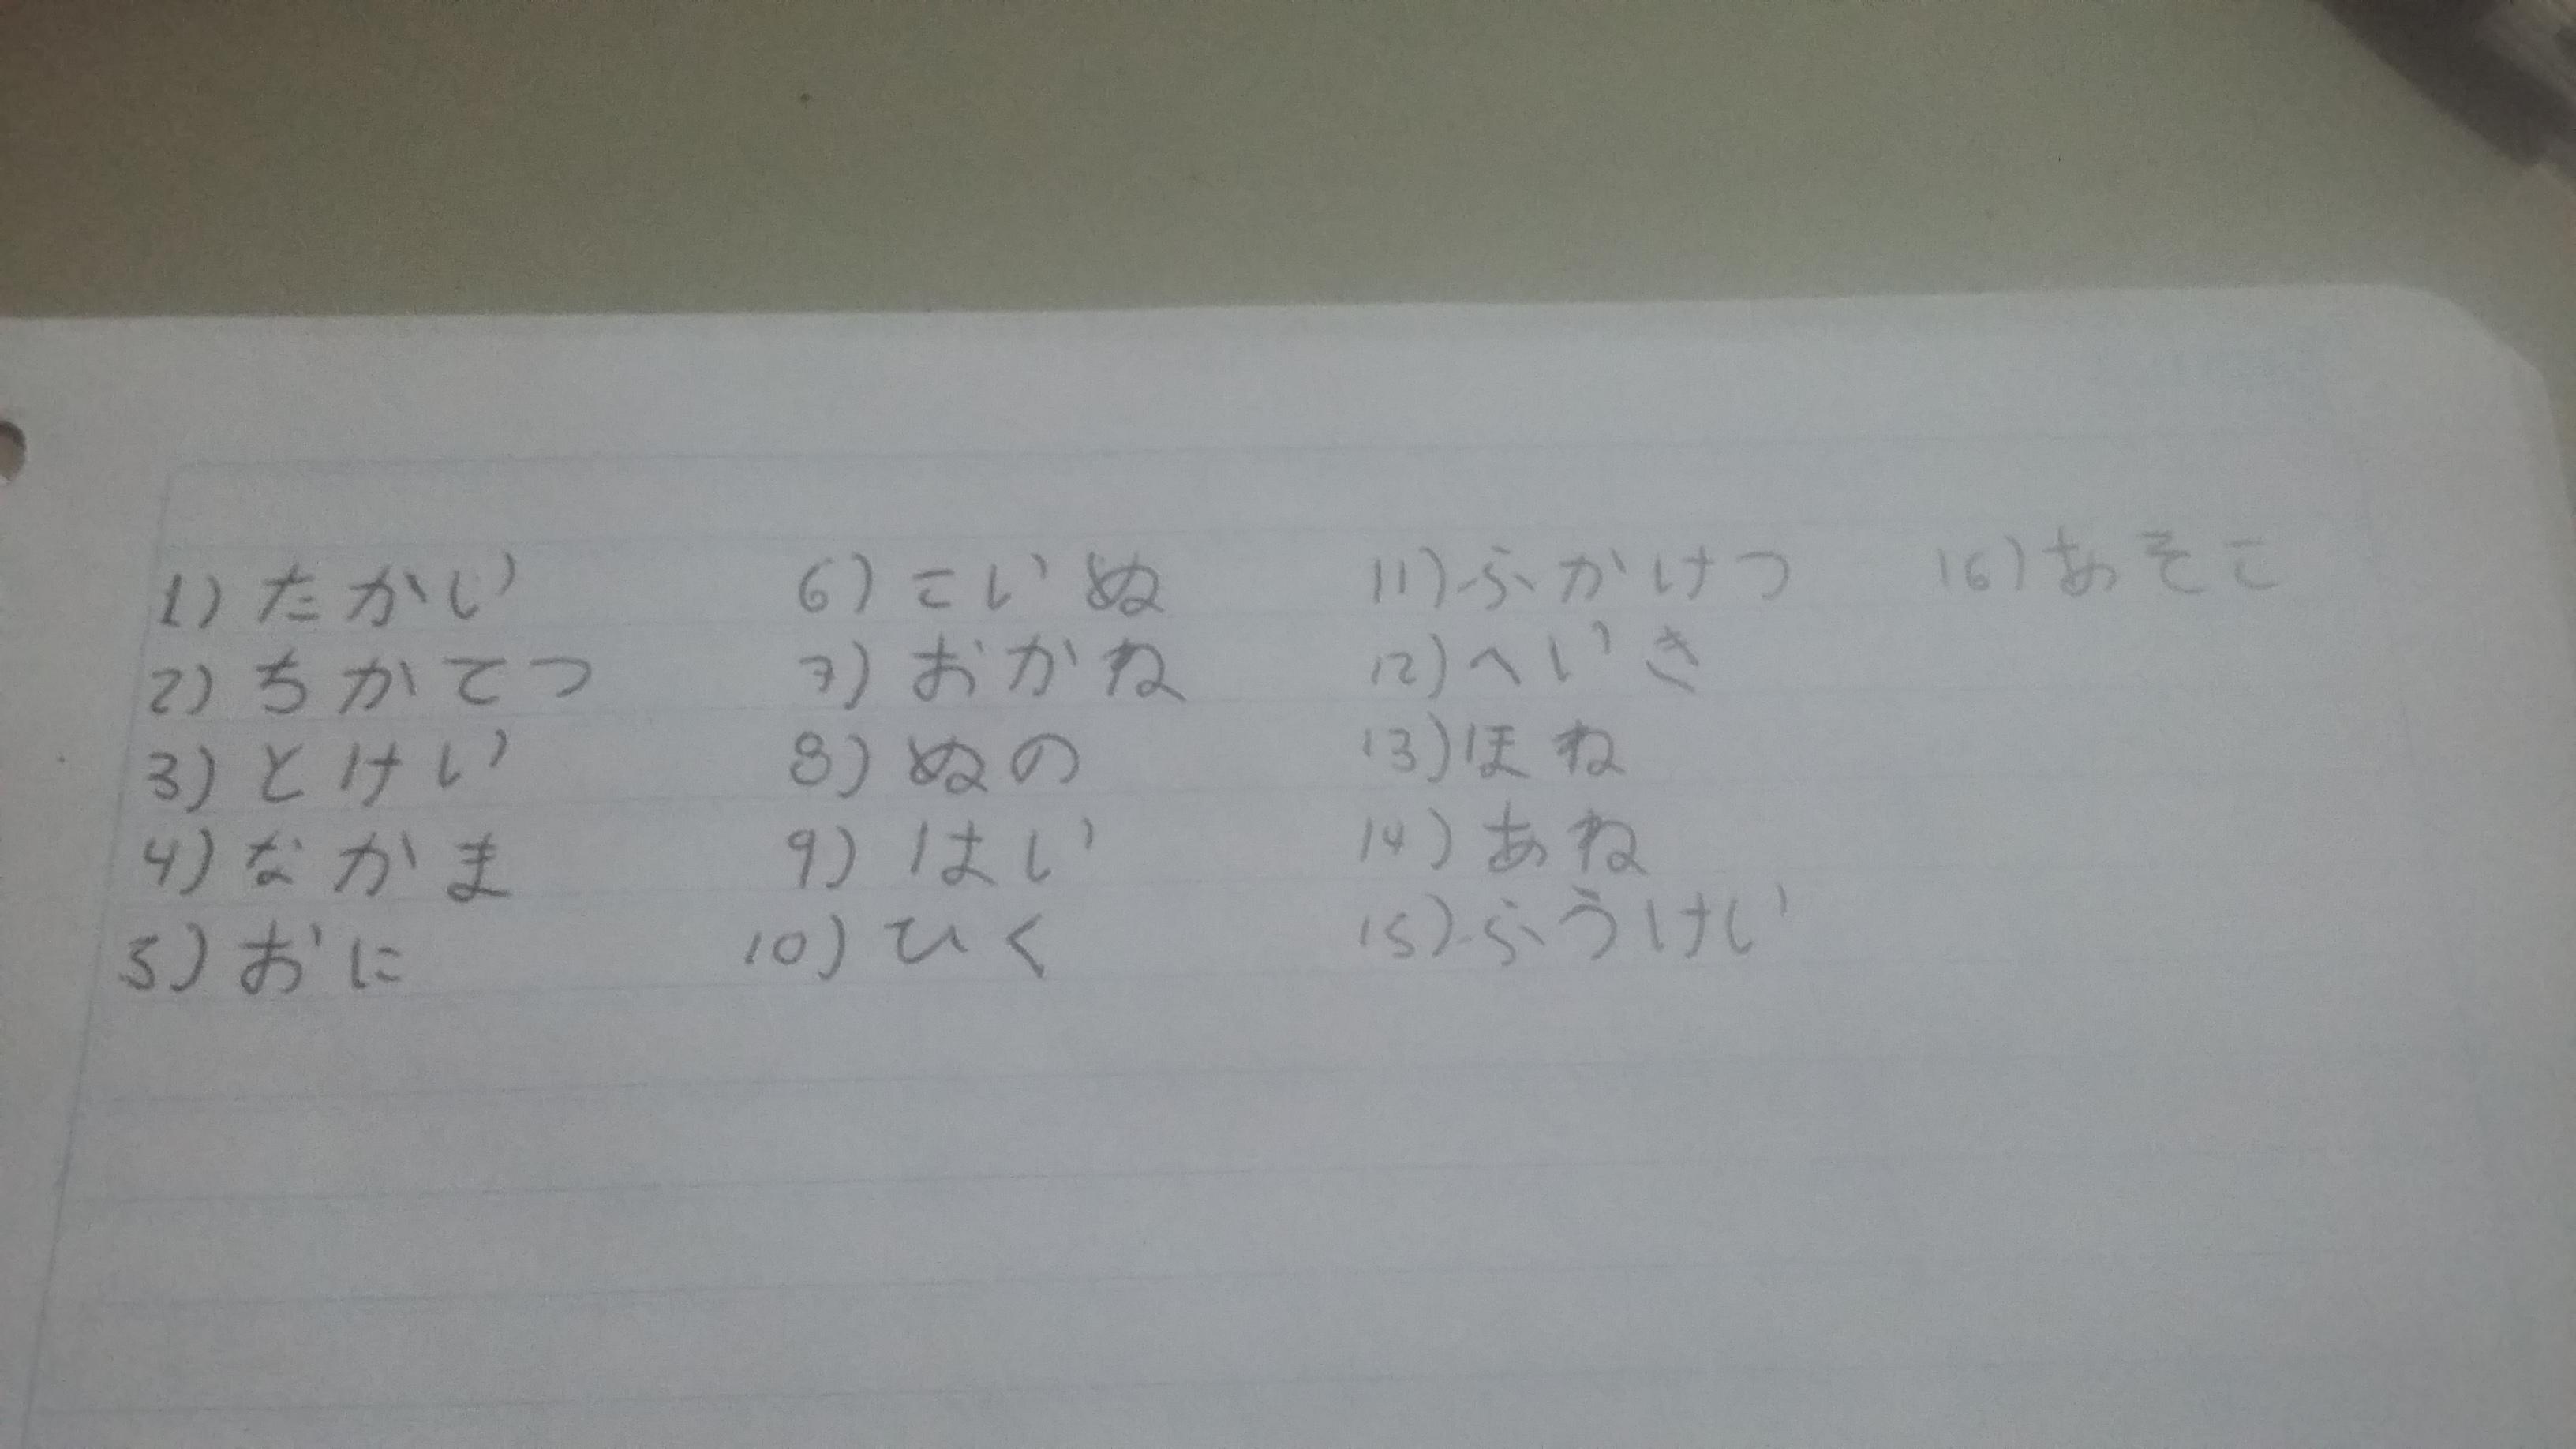 *CLASE 9* Hiragana filas T, N y H (Puedes ganar PS) WUZlEJGn_o